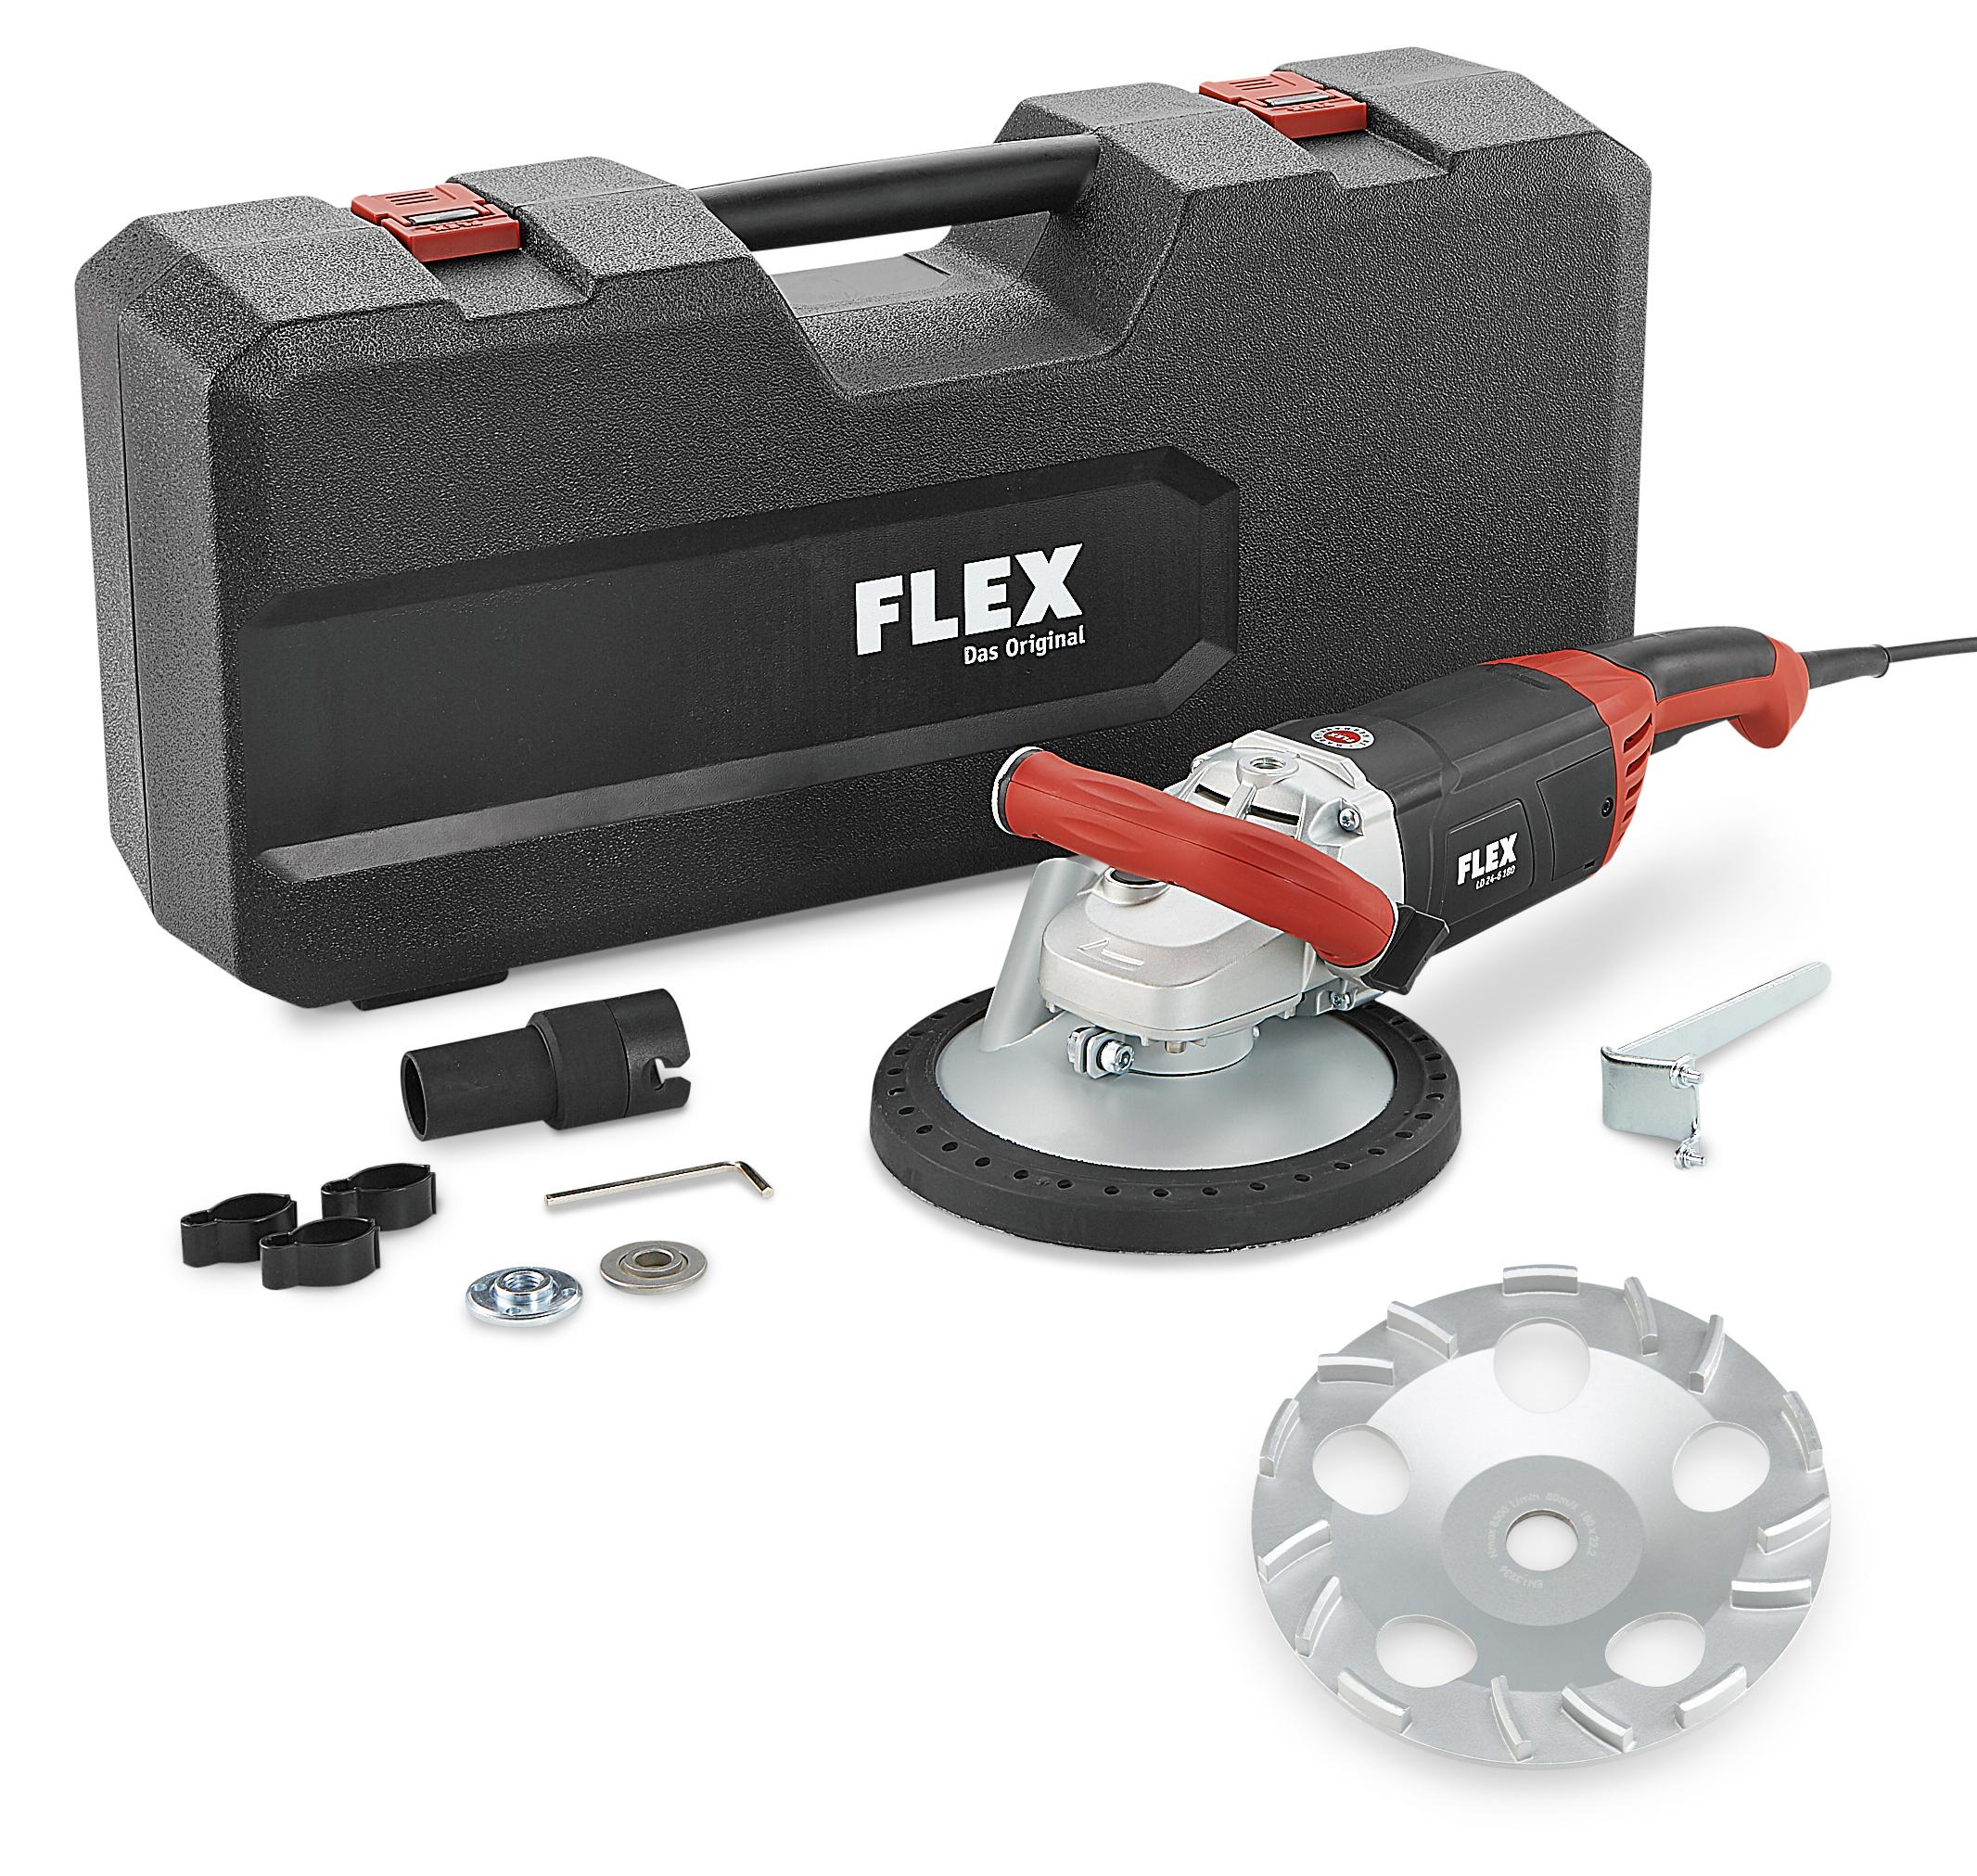 FLEX Betonschleifer LD 24-6